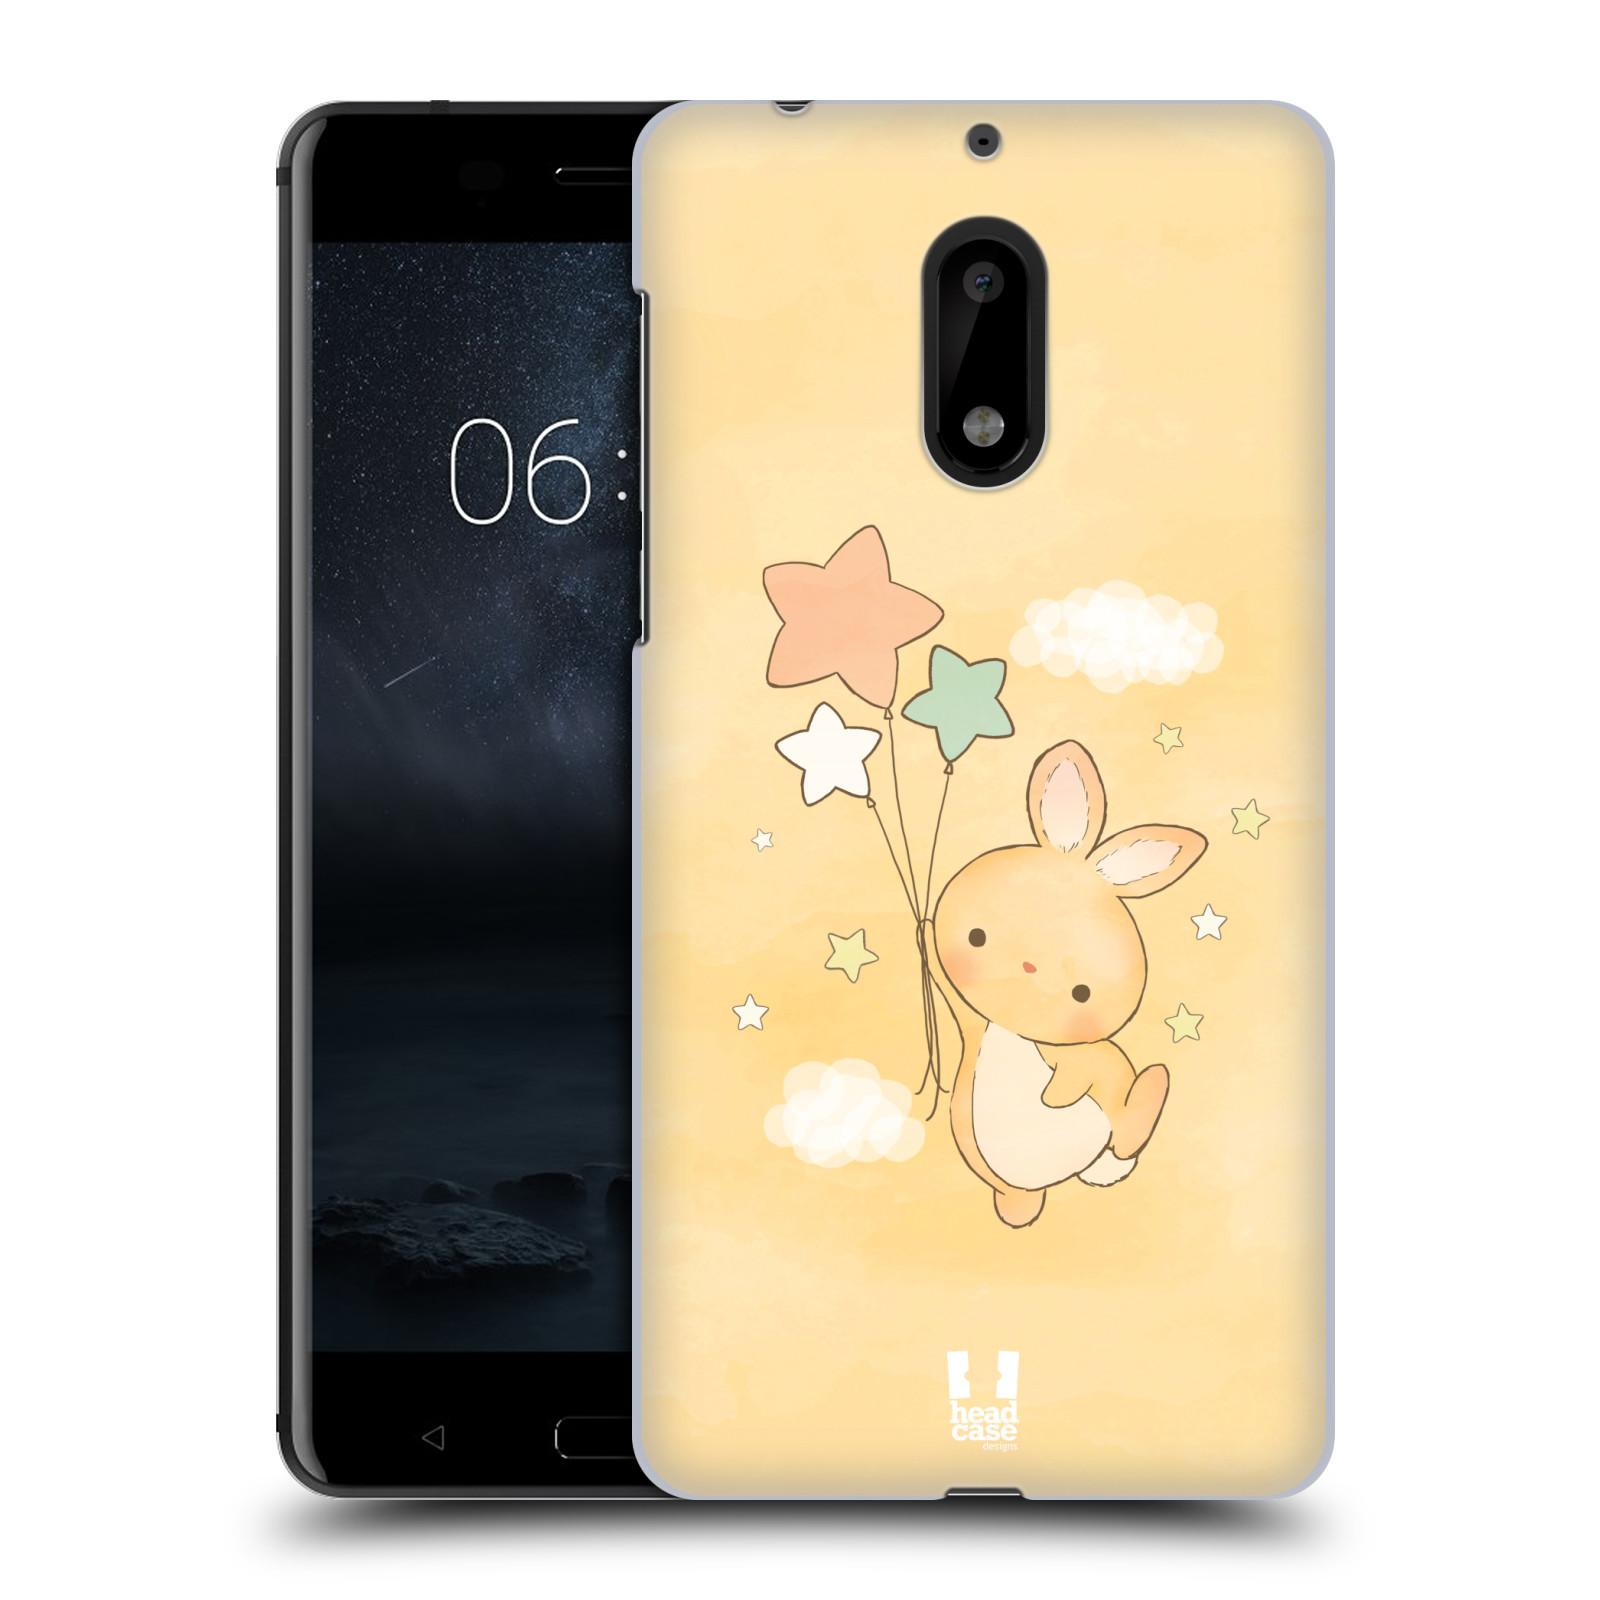 HEAD CASE plastový obal na mobil Nokia 6 vzor králíček a hvězdy žlutá